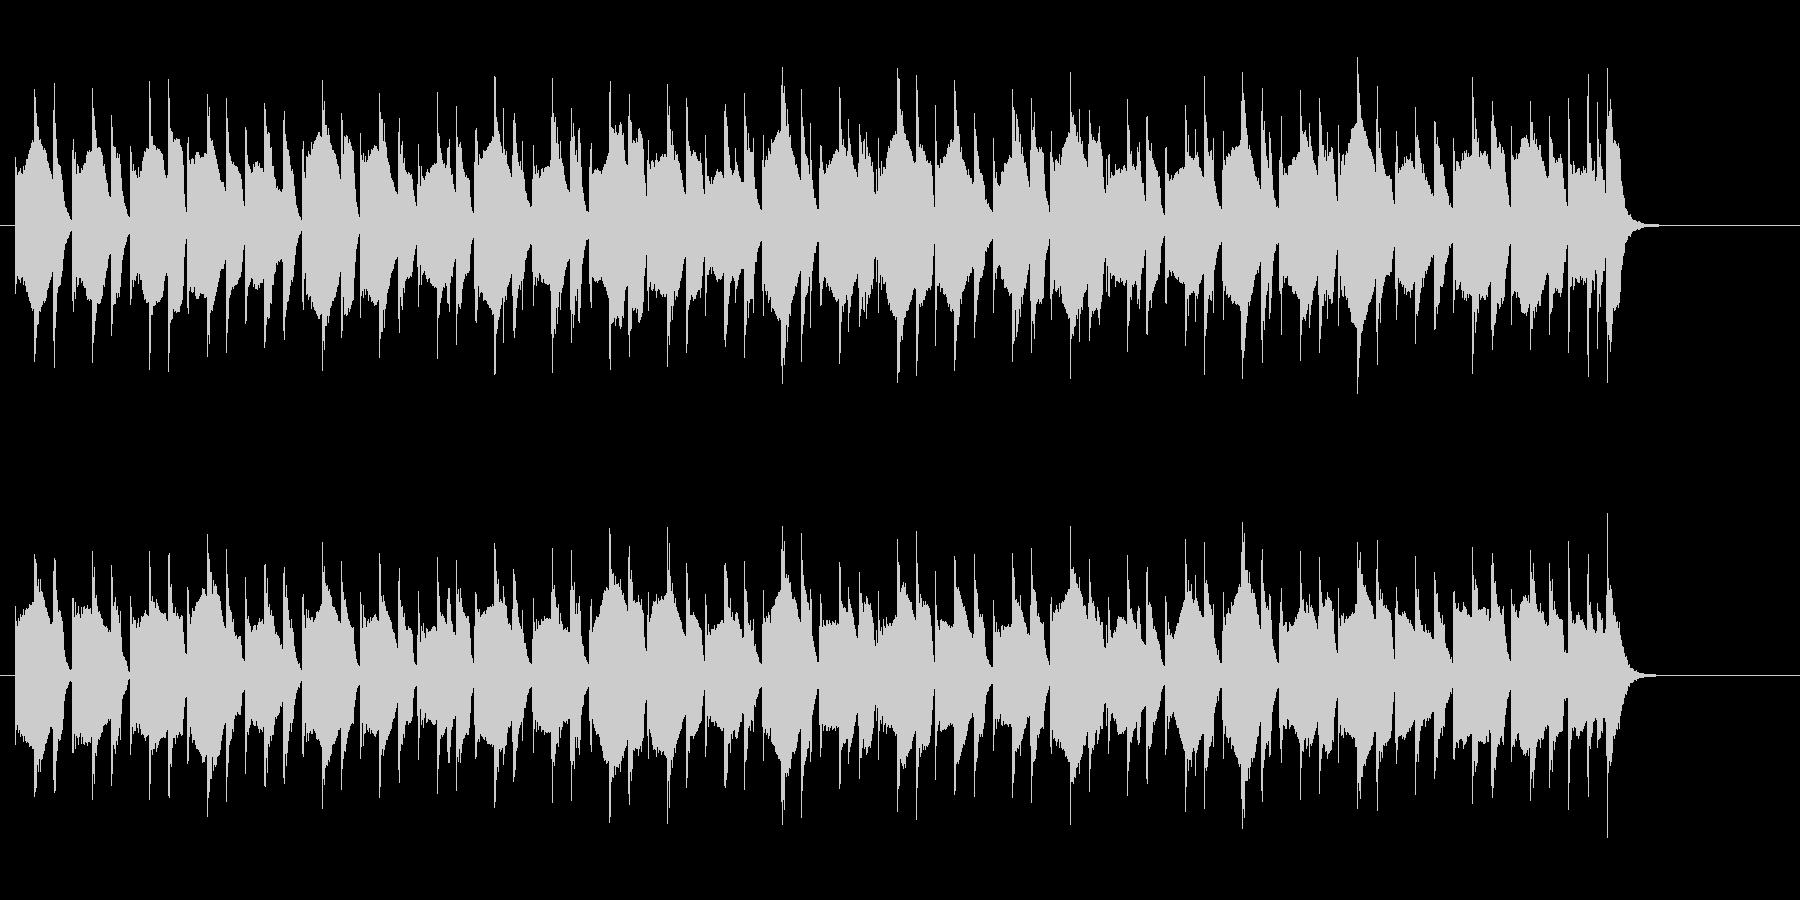 単調ながらキュートな音色のドキュメントの未再生の波形